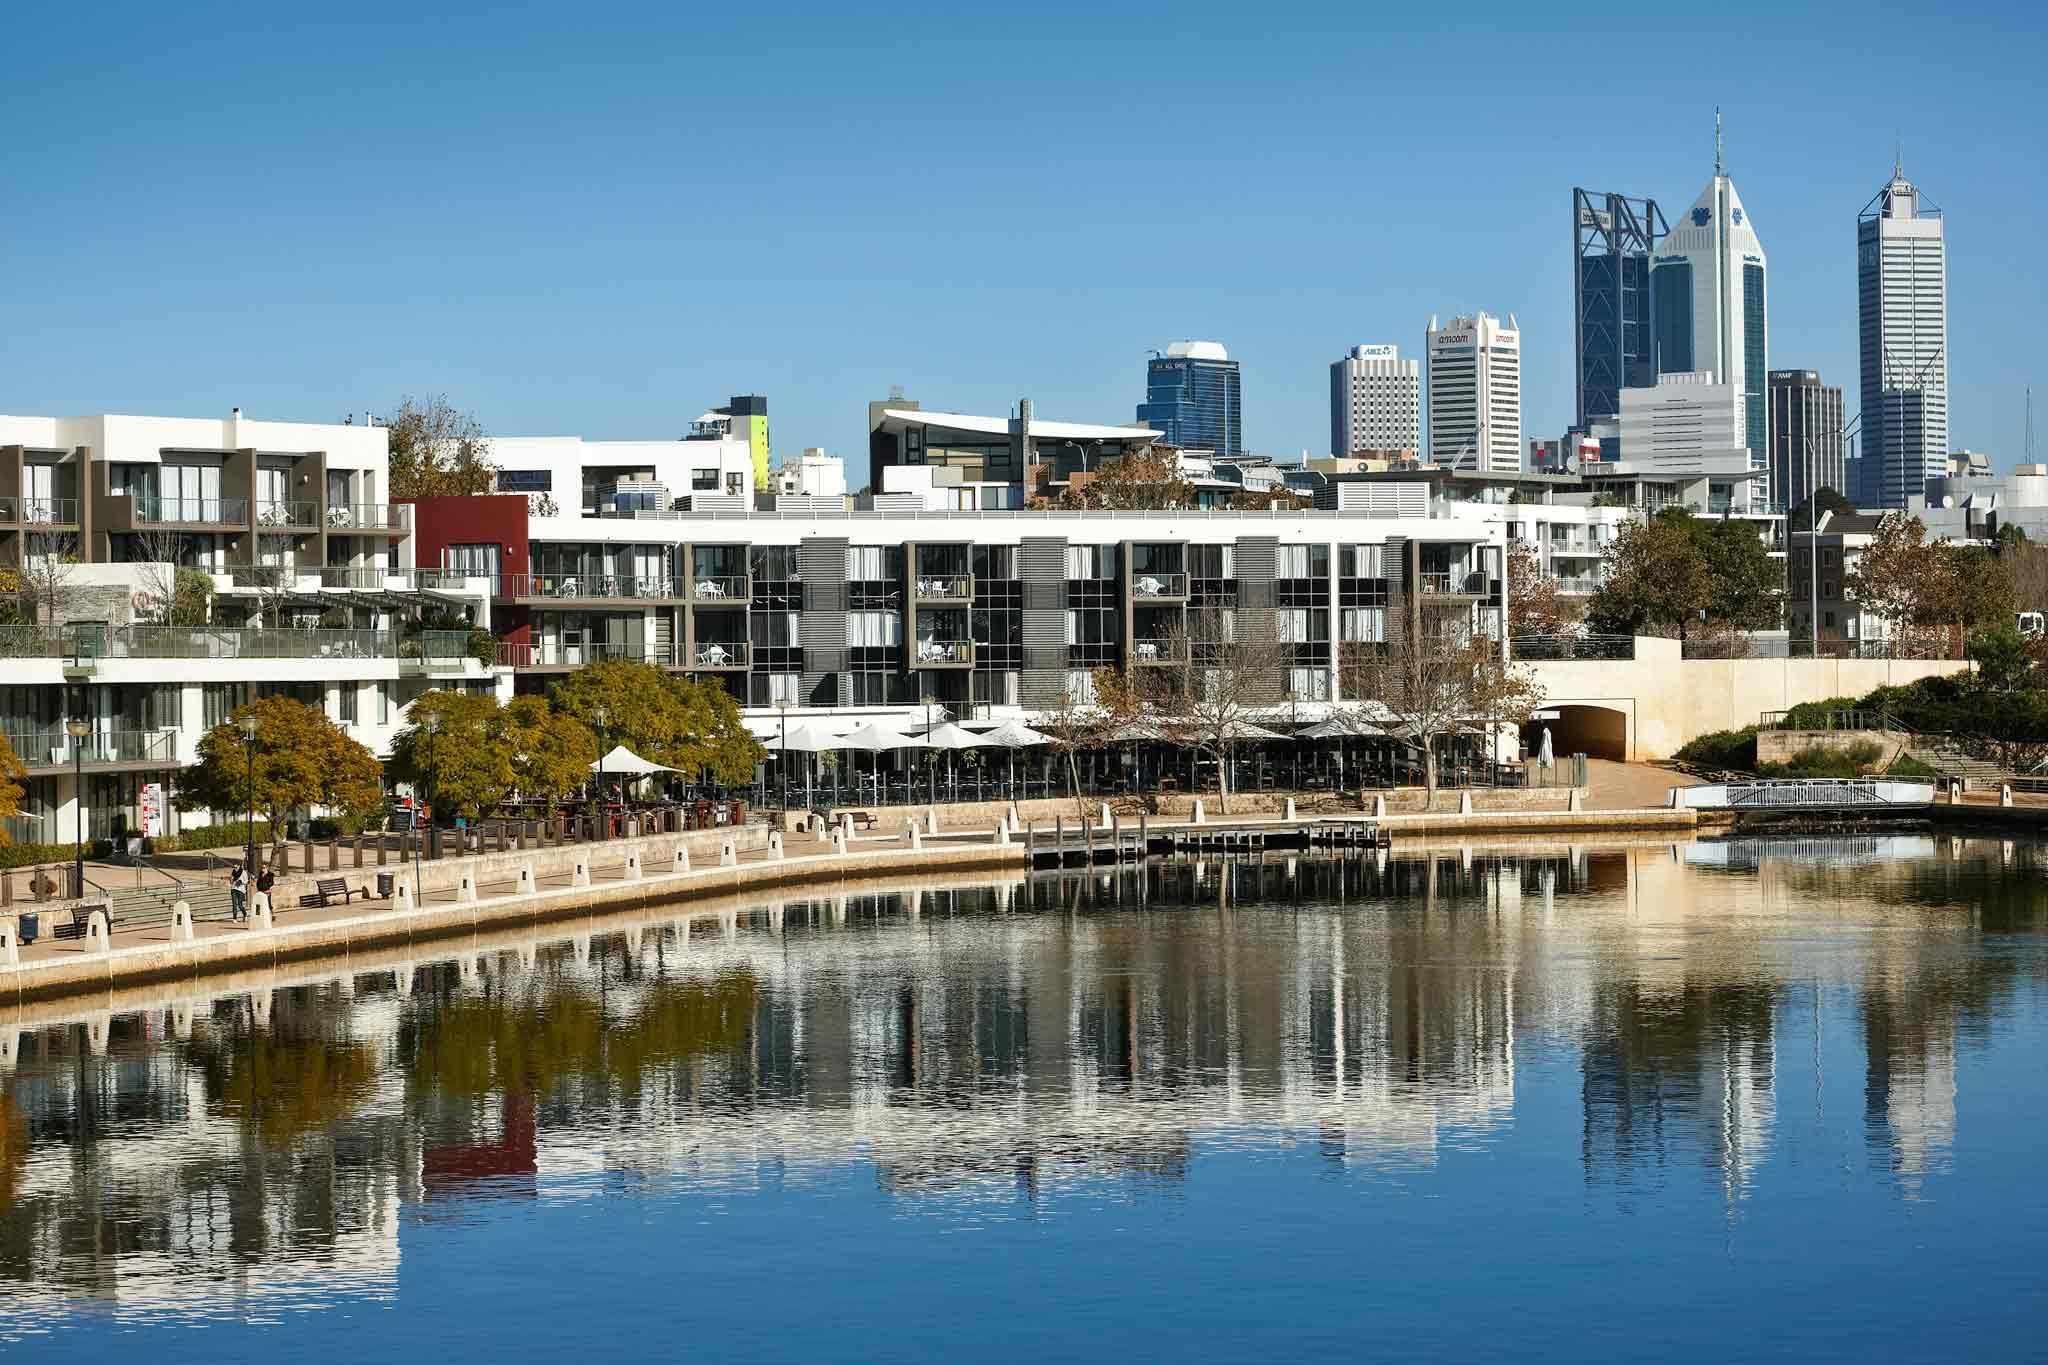 โรงแรม – The Sebel East Perth